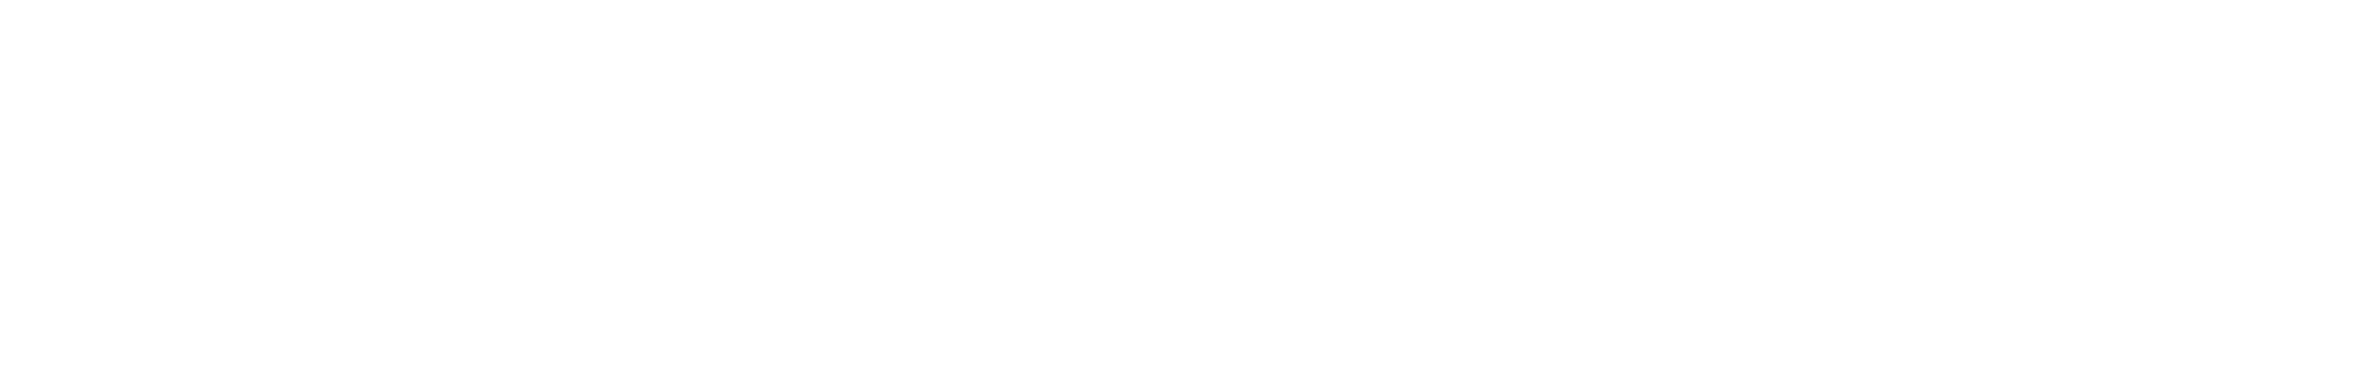 manni_group_logo_white